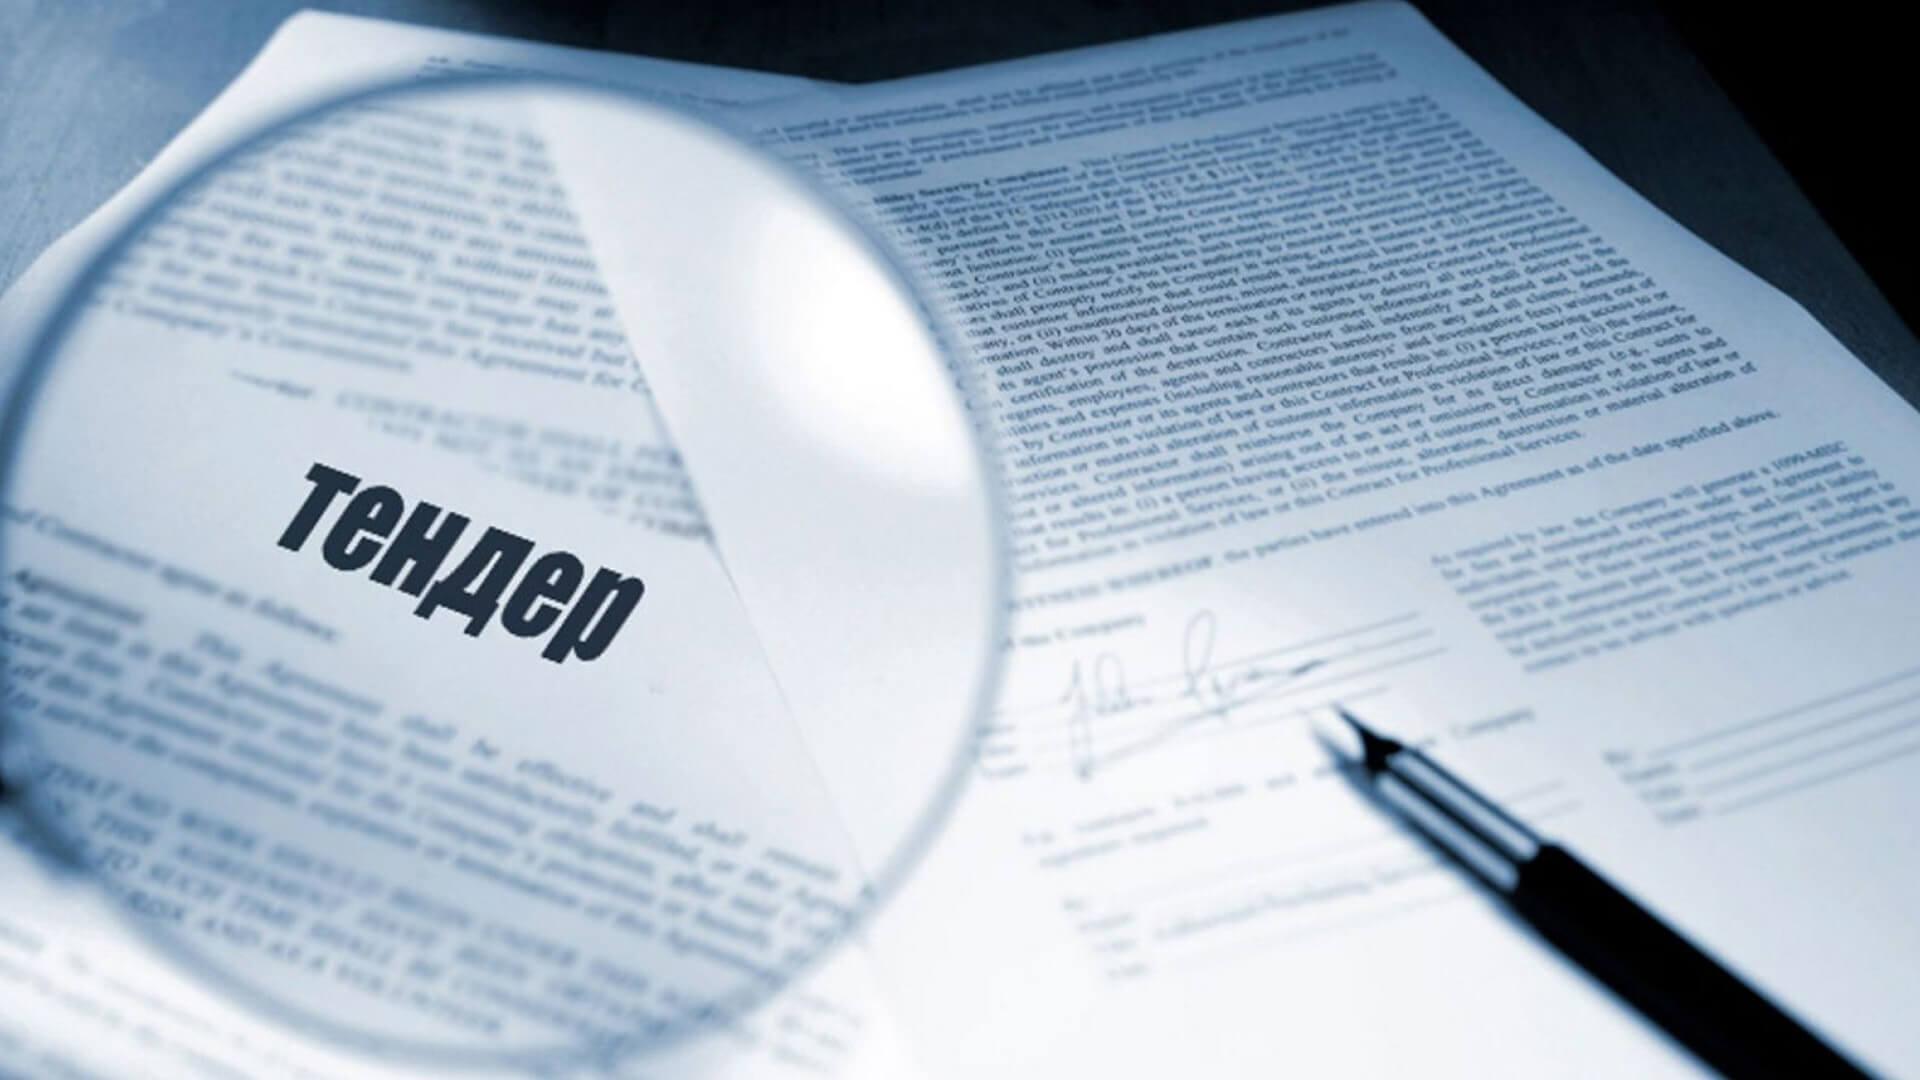 визнав недійсним договір підряду на суму 46,7 млн грн, який так і не був виконаний